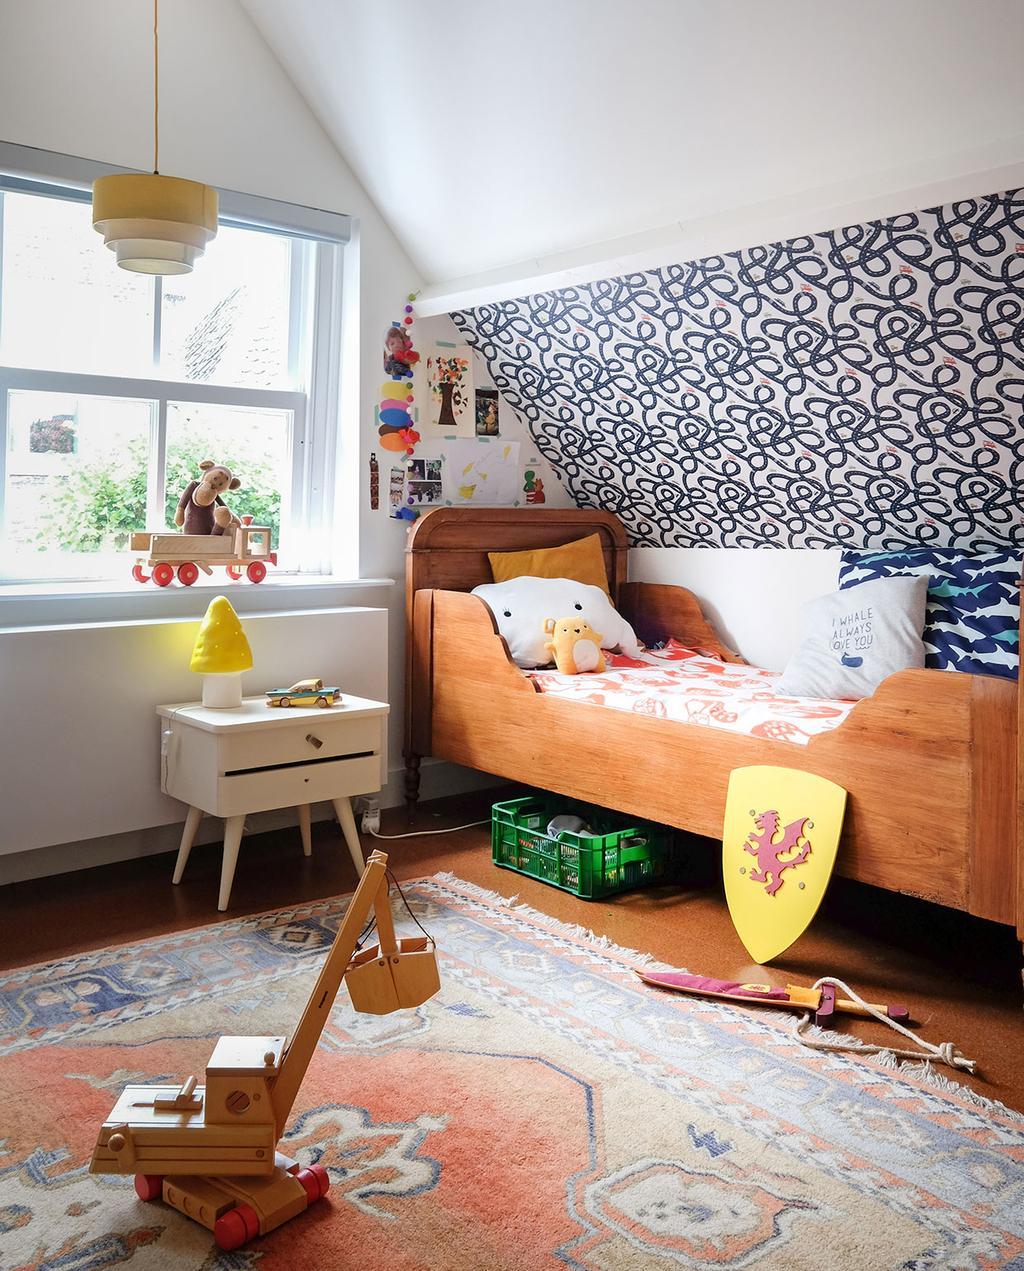 vtwonen 03-2021 | kinderkamer met bed, speelgoed en vloerkleed